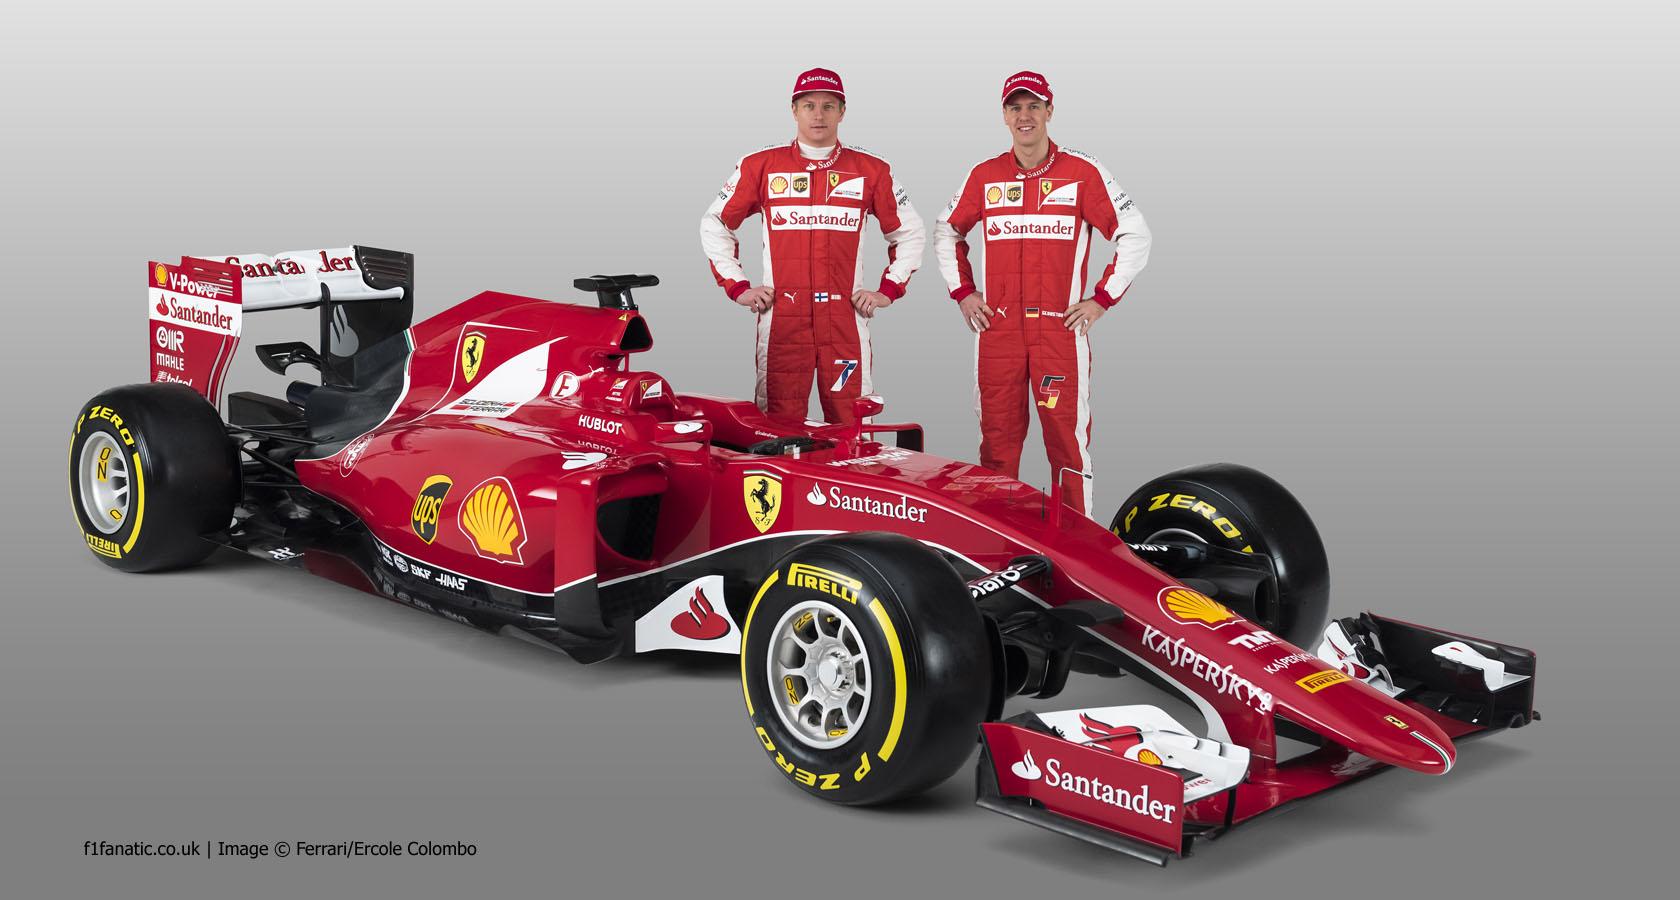 Sebastian Vettel Kimi Raikkonen Ferrari Sf 15t 2015